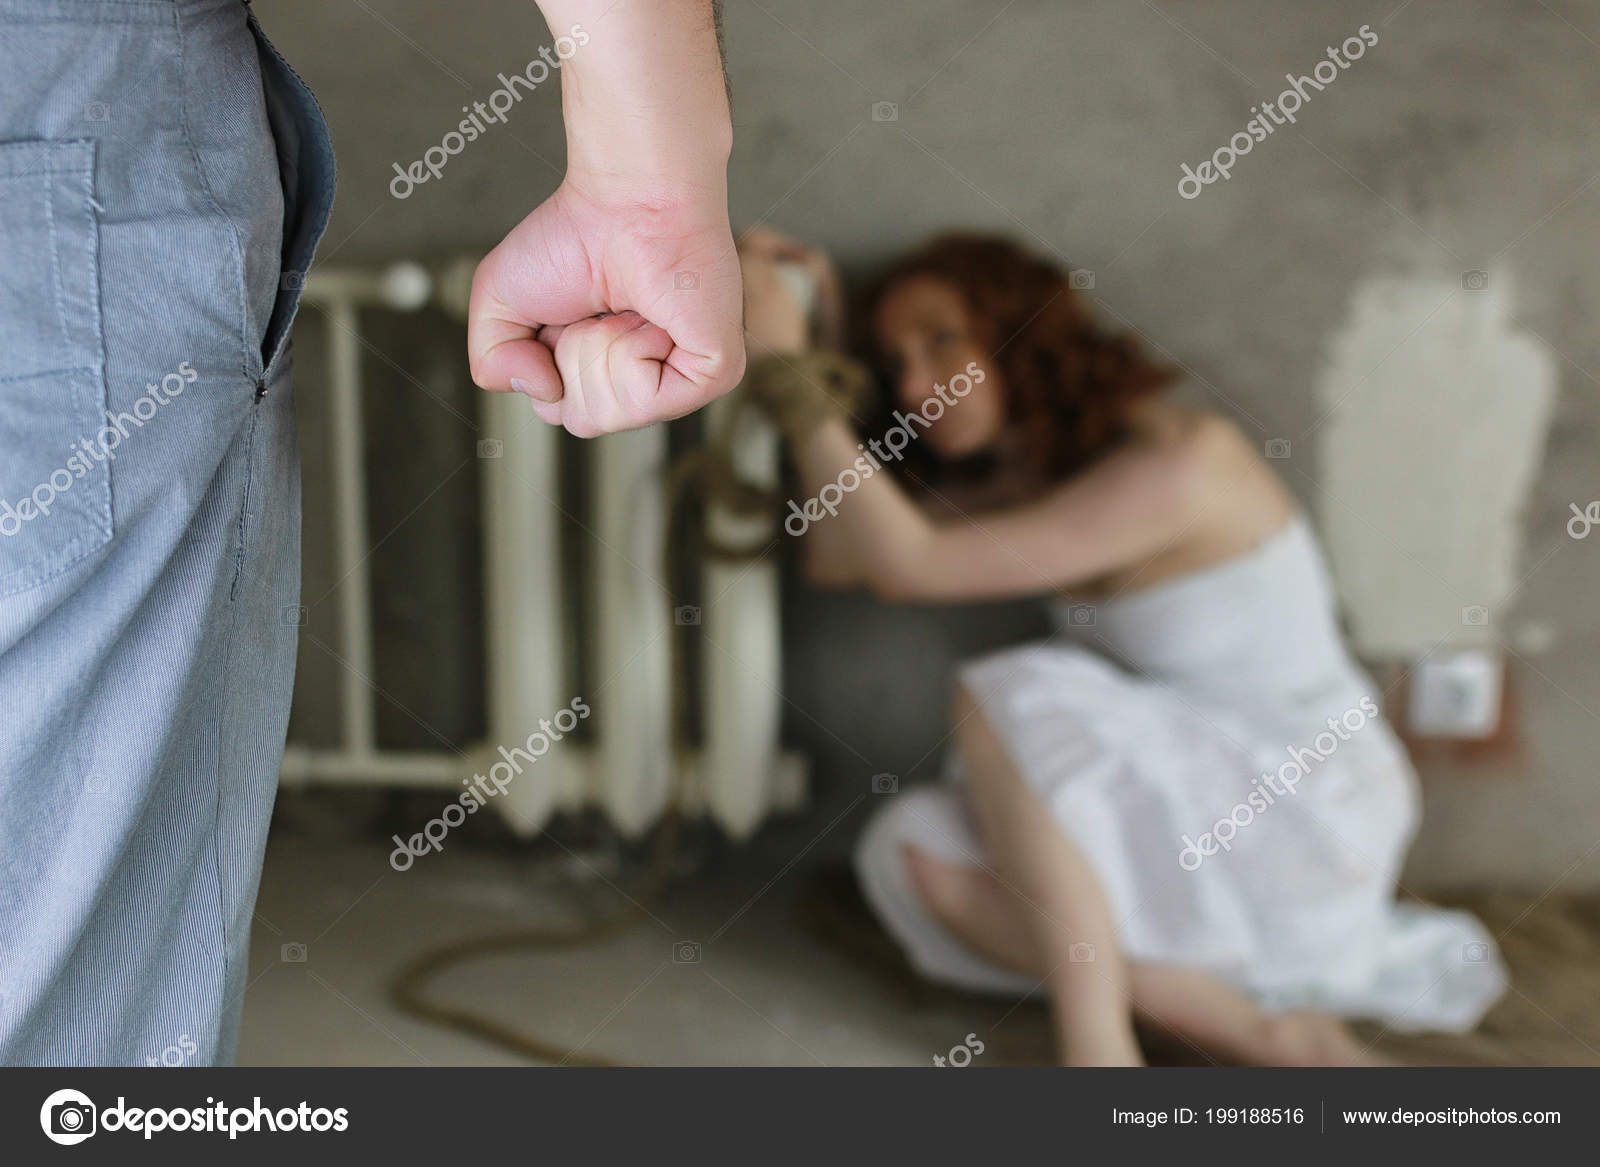 Похищение с аналом, Похищение анал - видео rating Flesh Hole HD 23 фотография